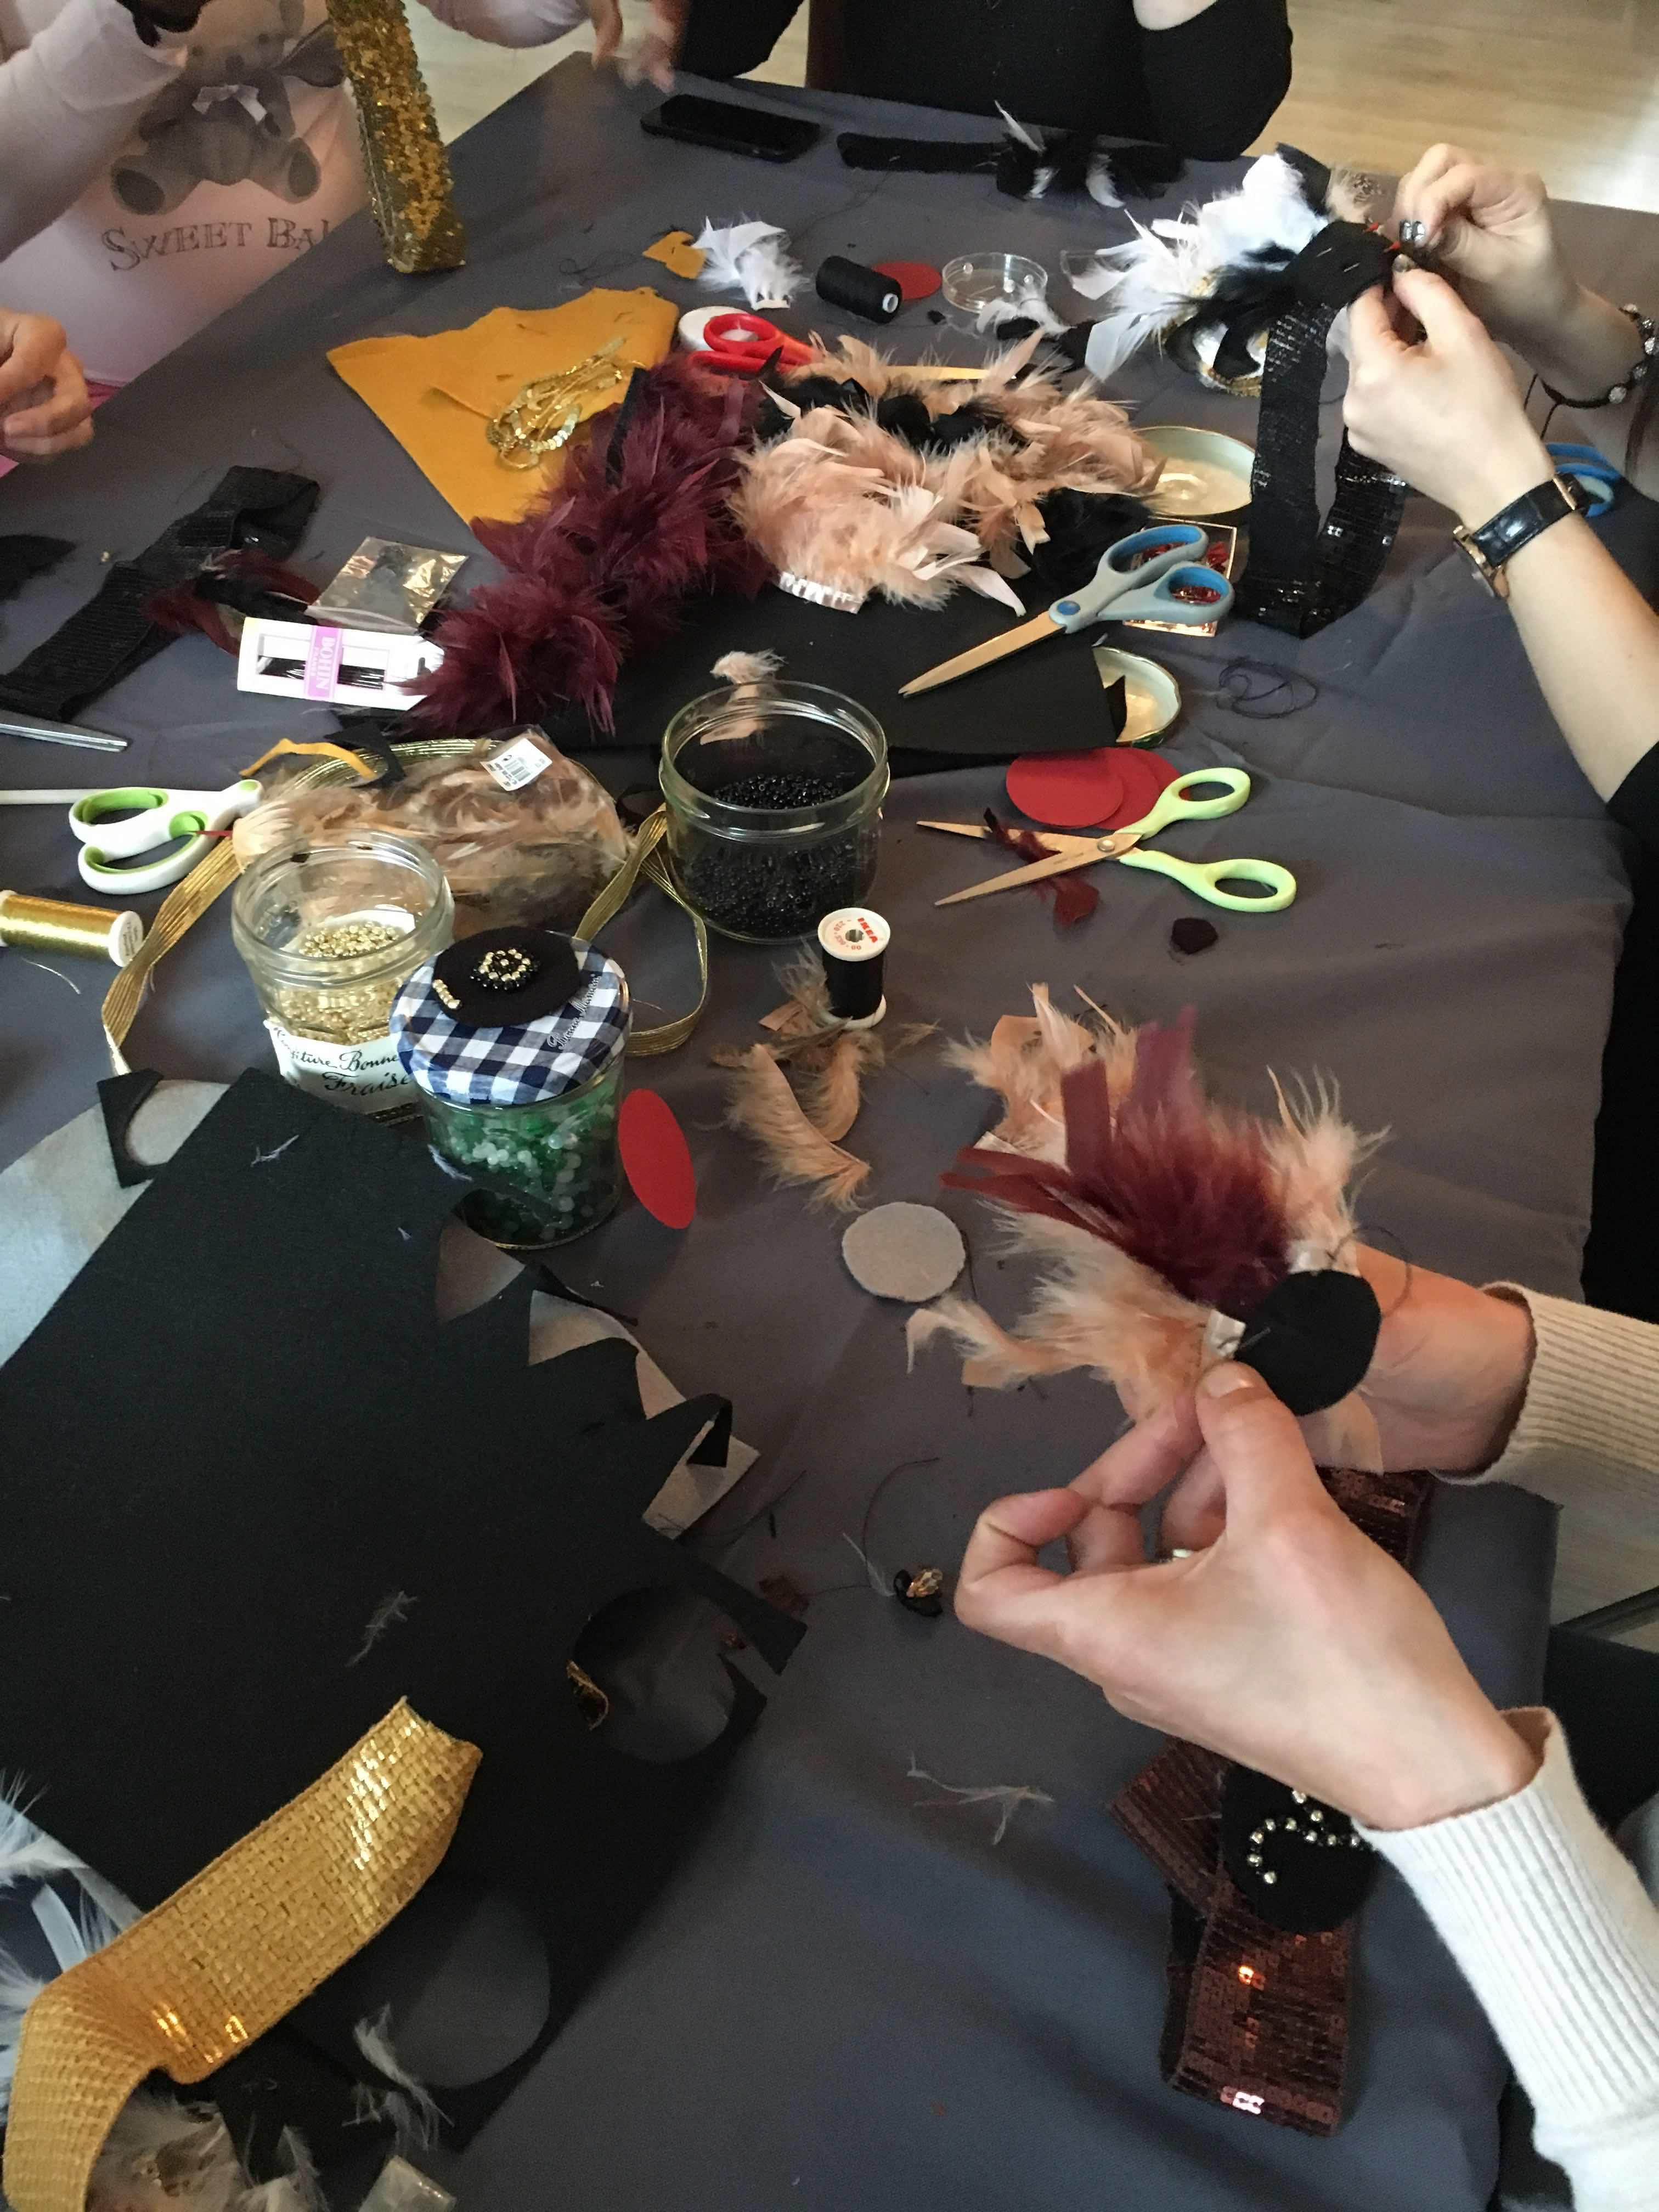 Atelier headband